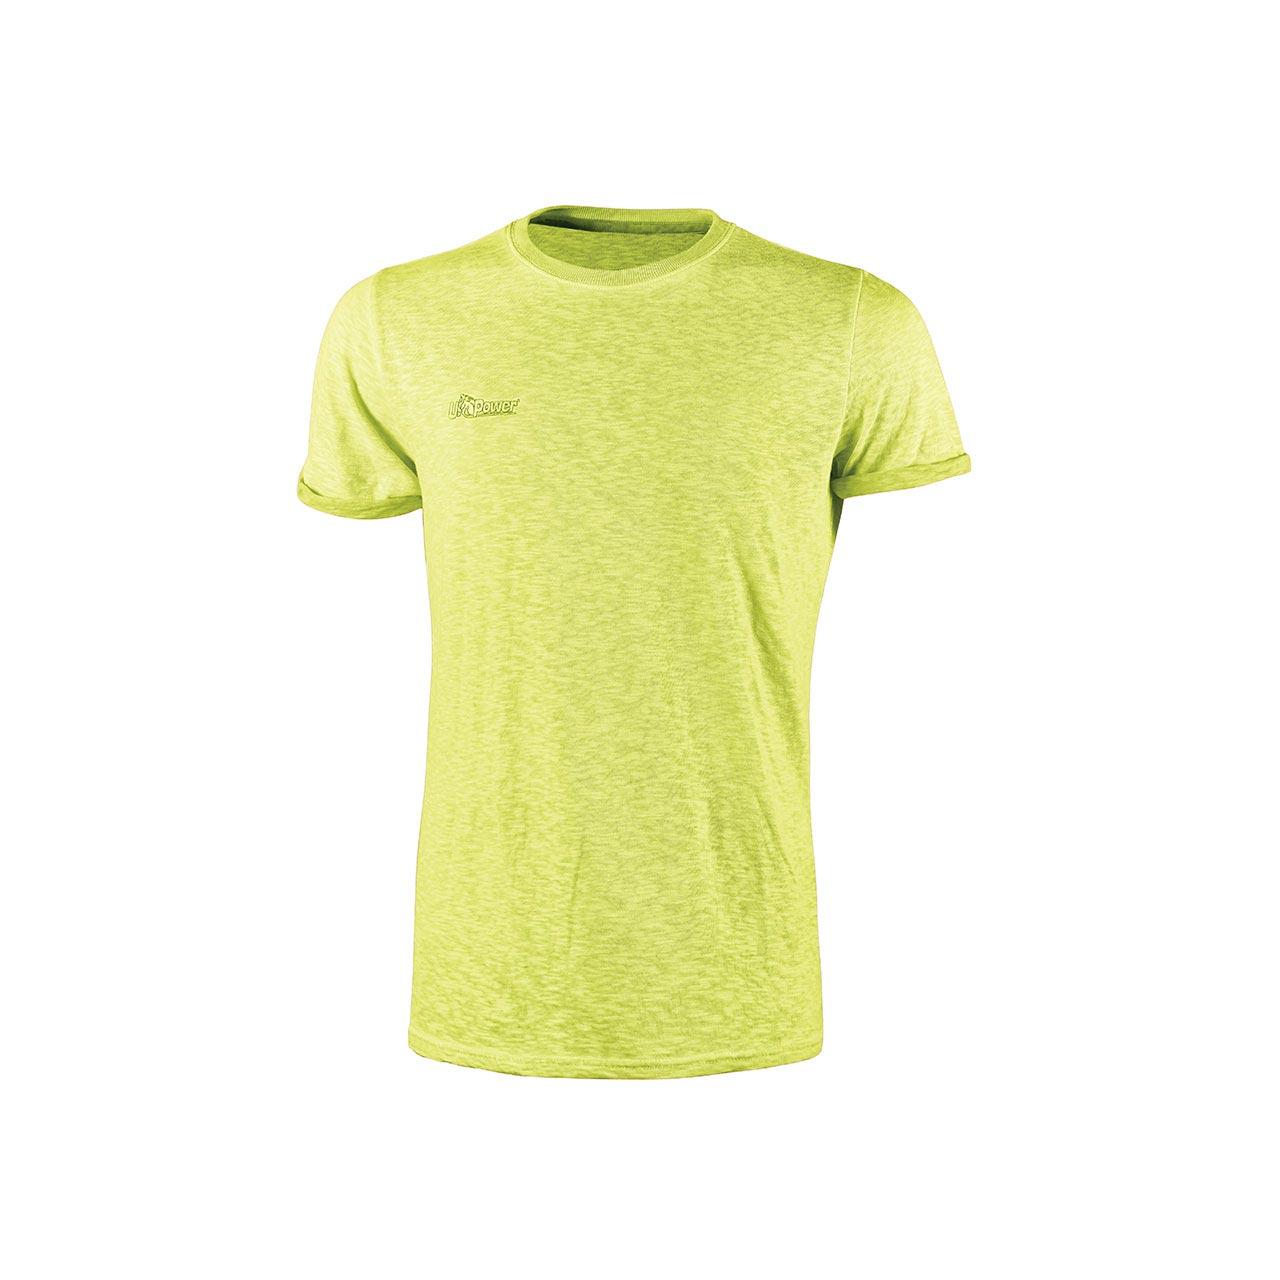 Tshirt da lavoro upower modello fluo colore yellow fluo